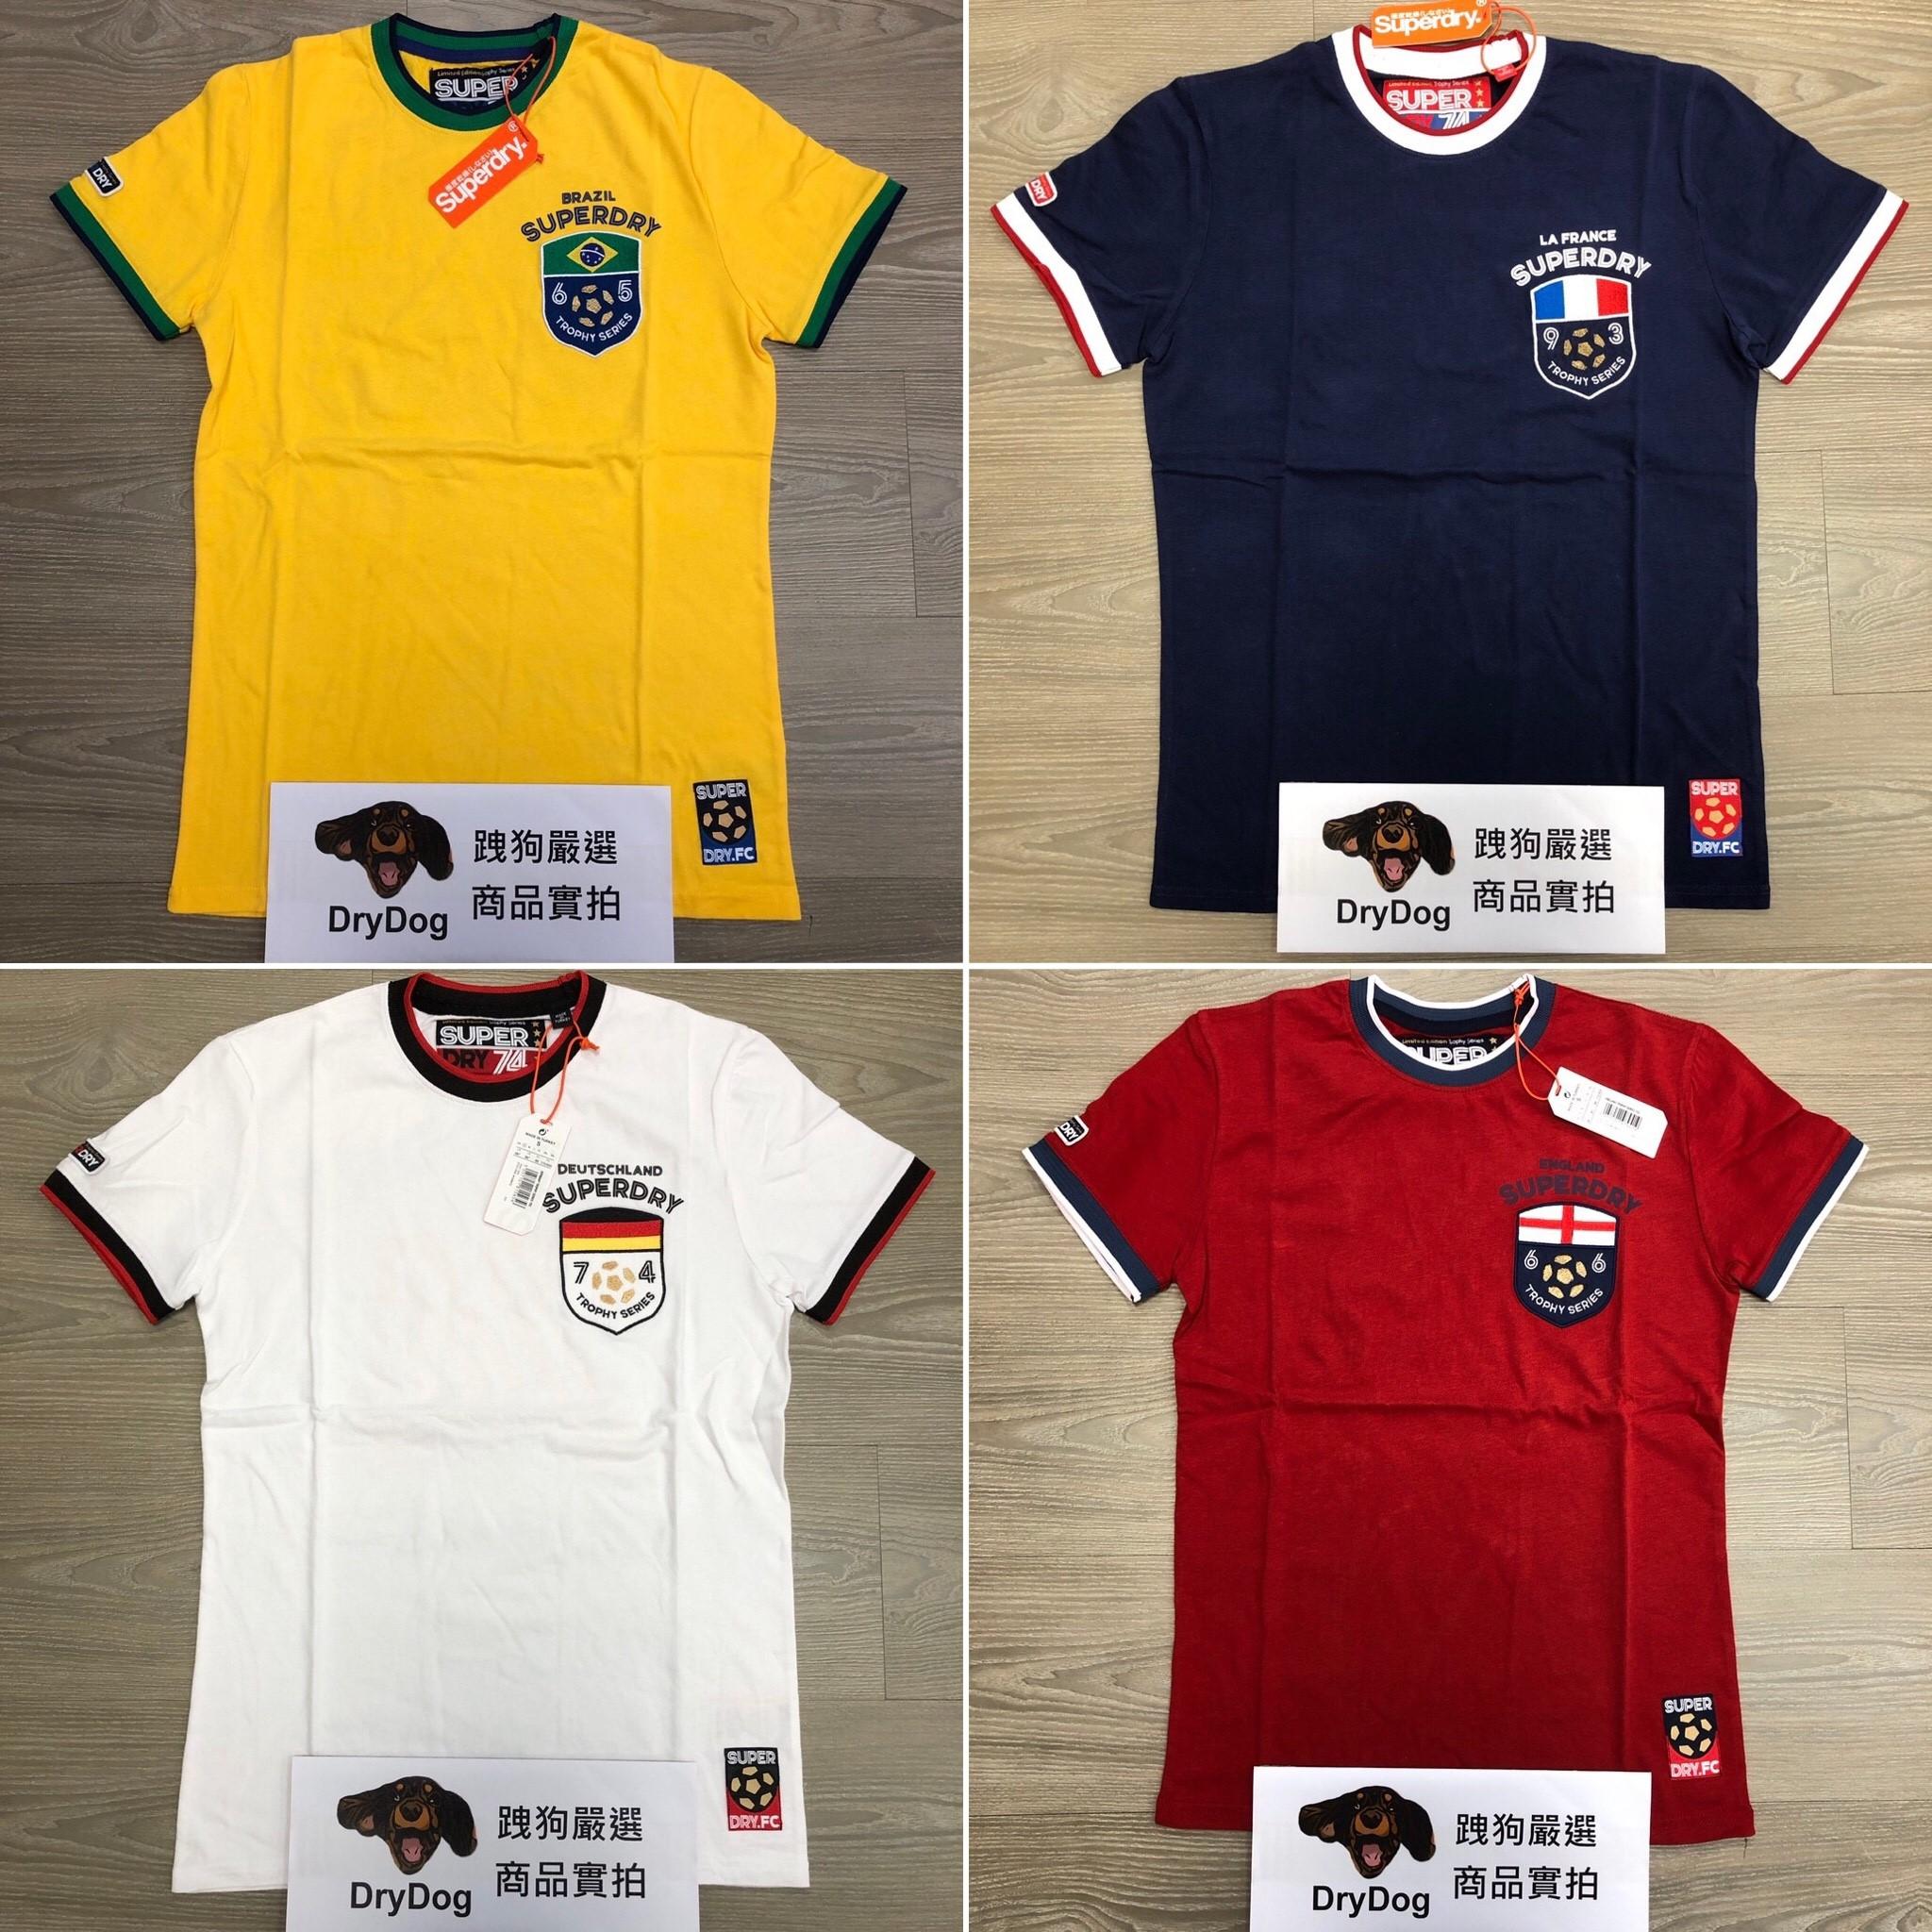 嚇到吃手囉 限量版 跩狗嚴選 極度乾燥 Superdry T-Shirt 足球系列 T恤 短袖 四色 土耳其製